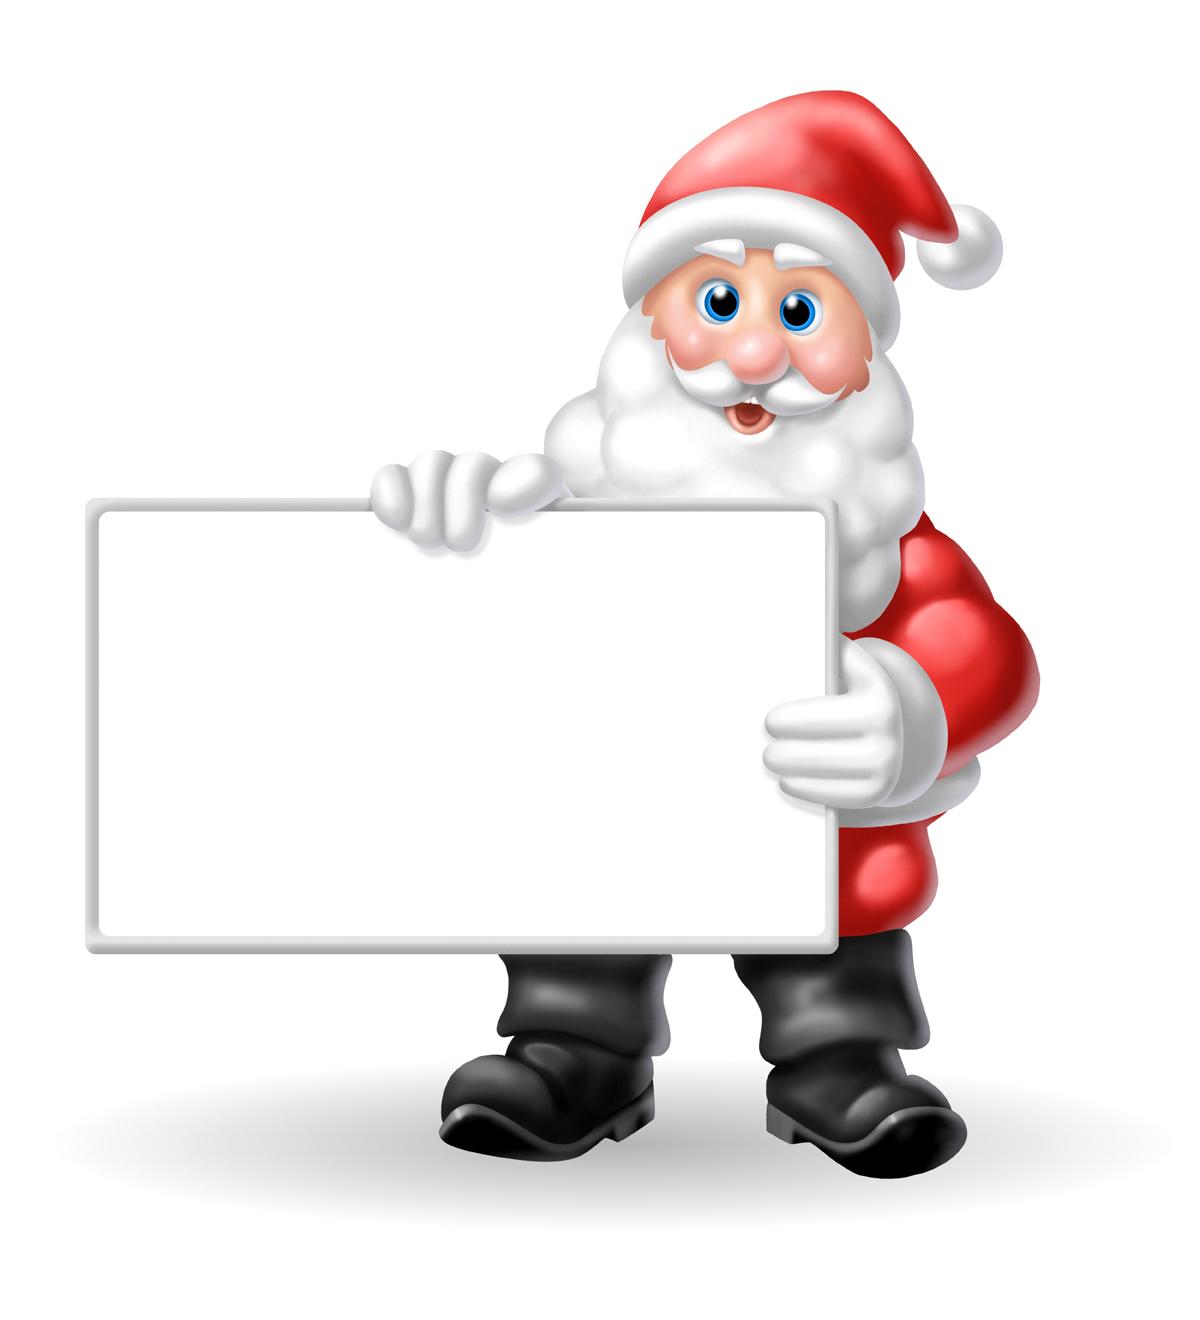 ... details santa claus pic 0313 santa claus pic 0314 santa claus click